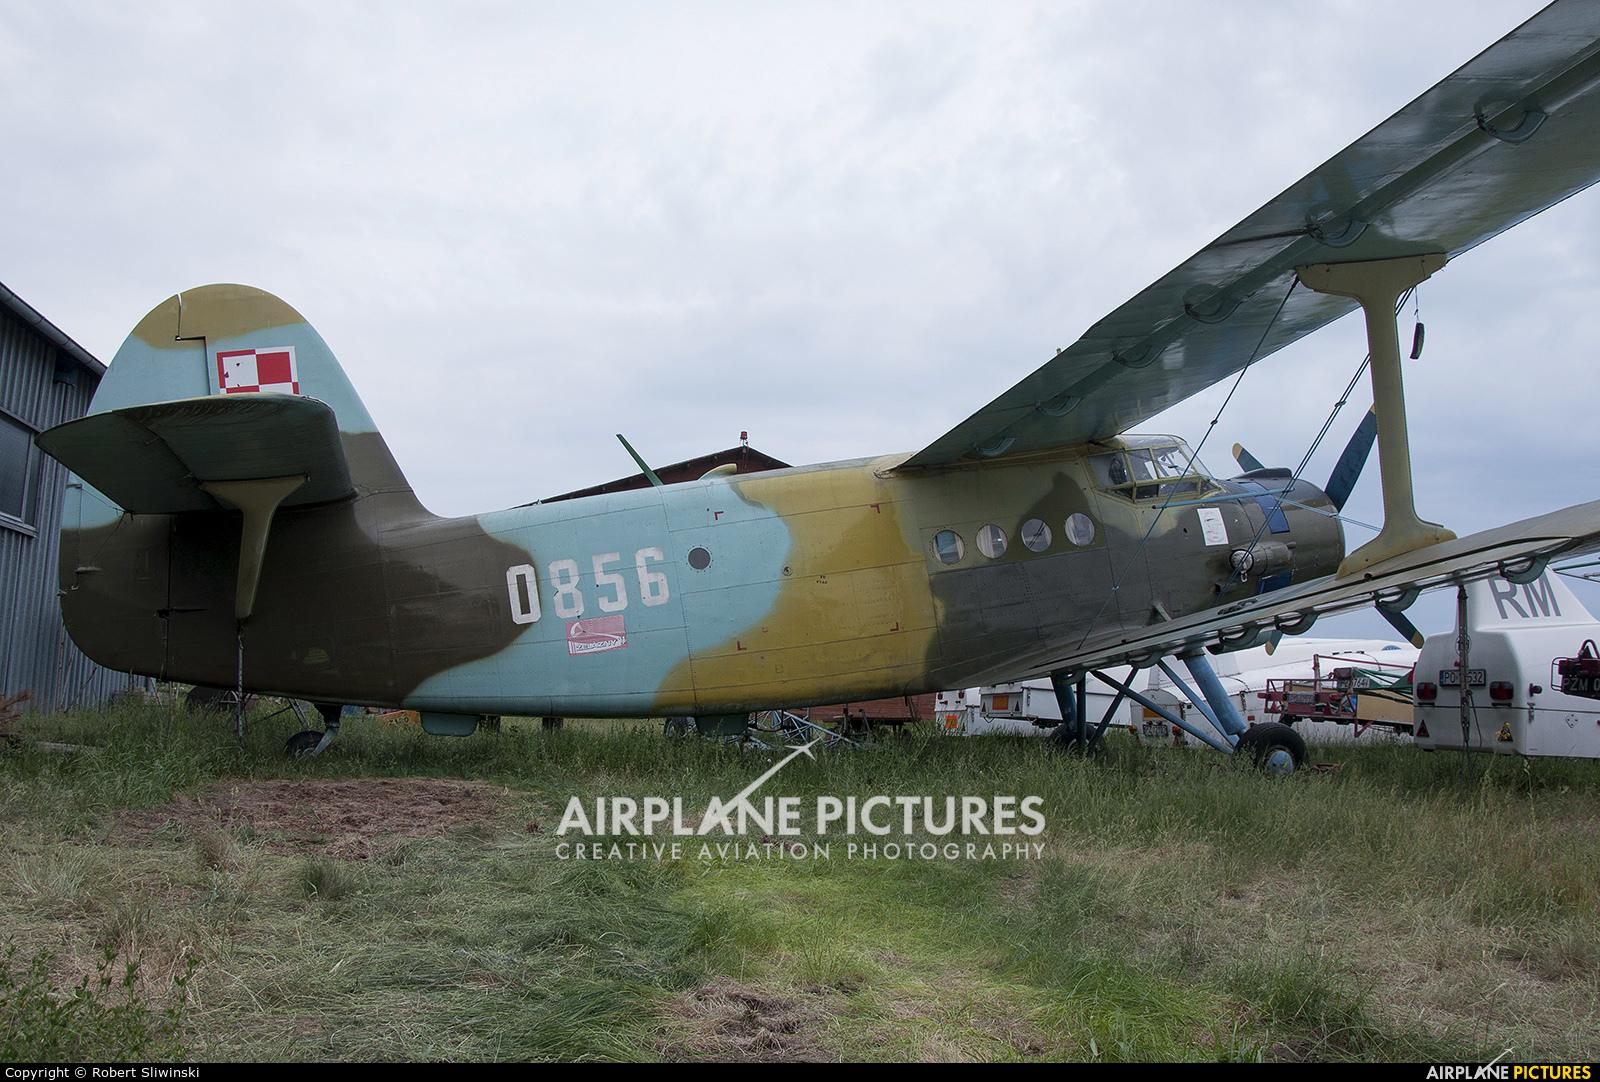 Poland - Air Force 0856 aircraft at Poznań - Kobylnica